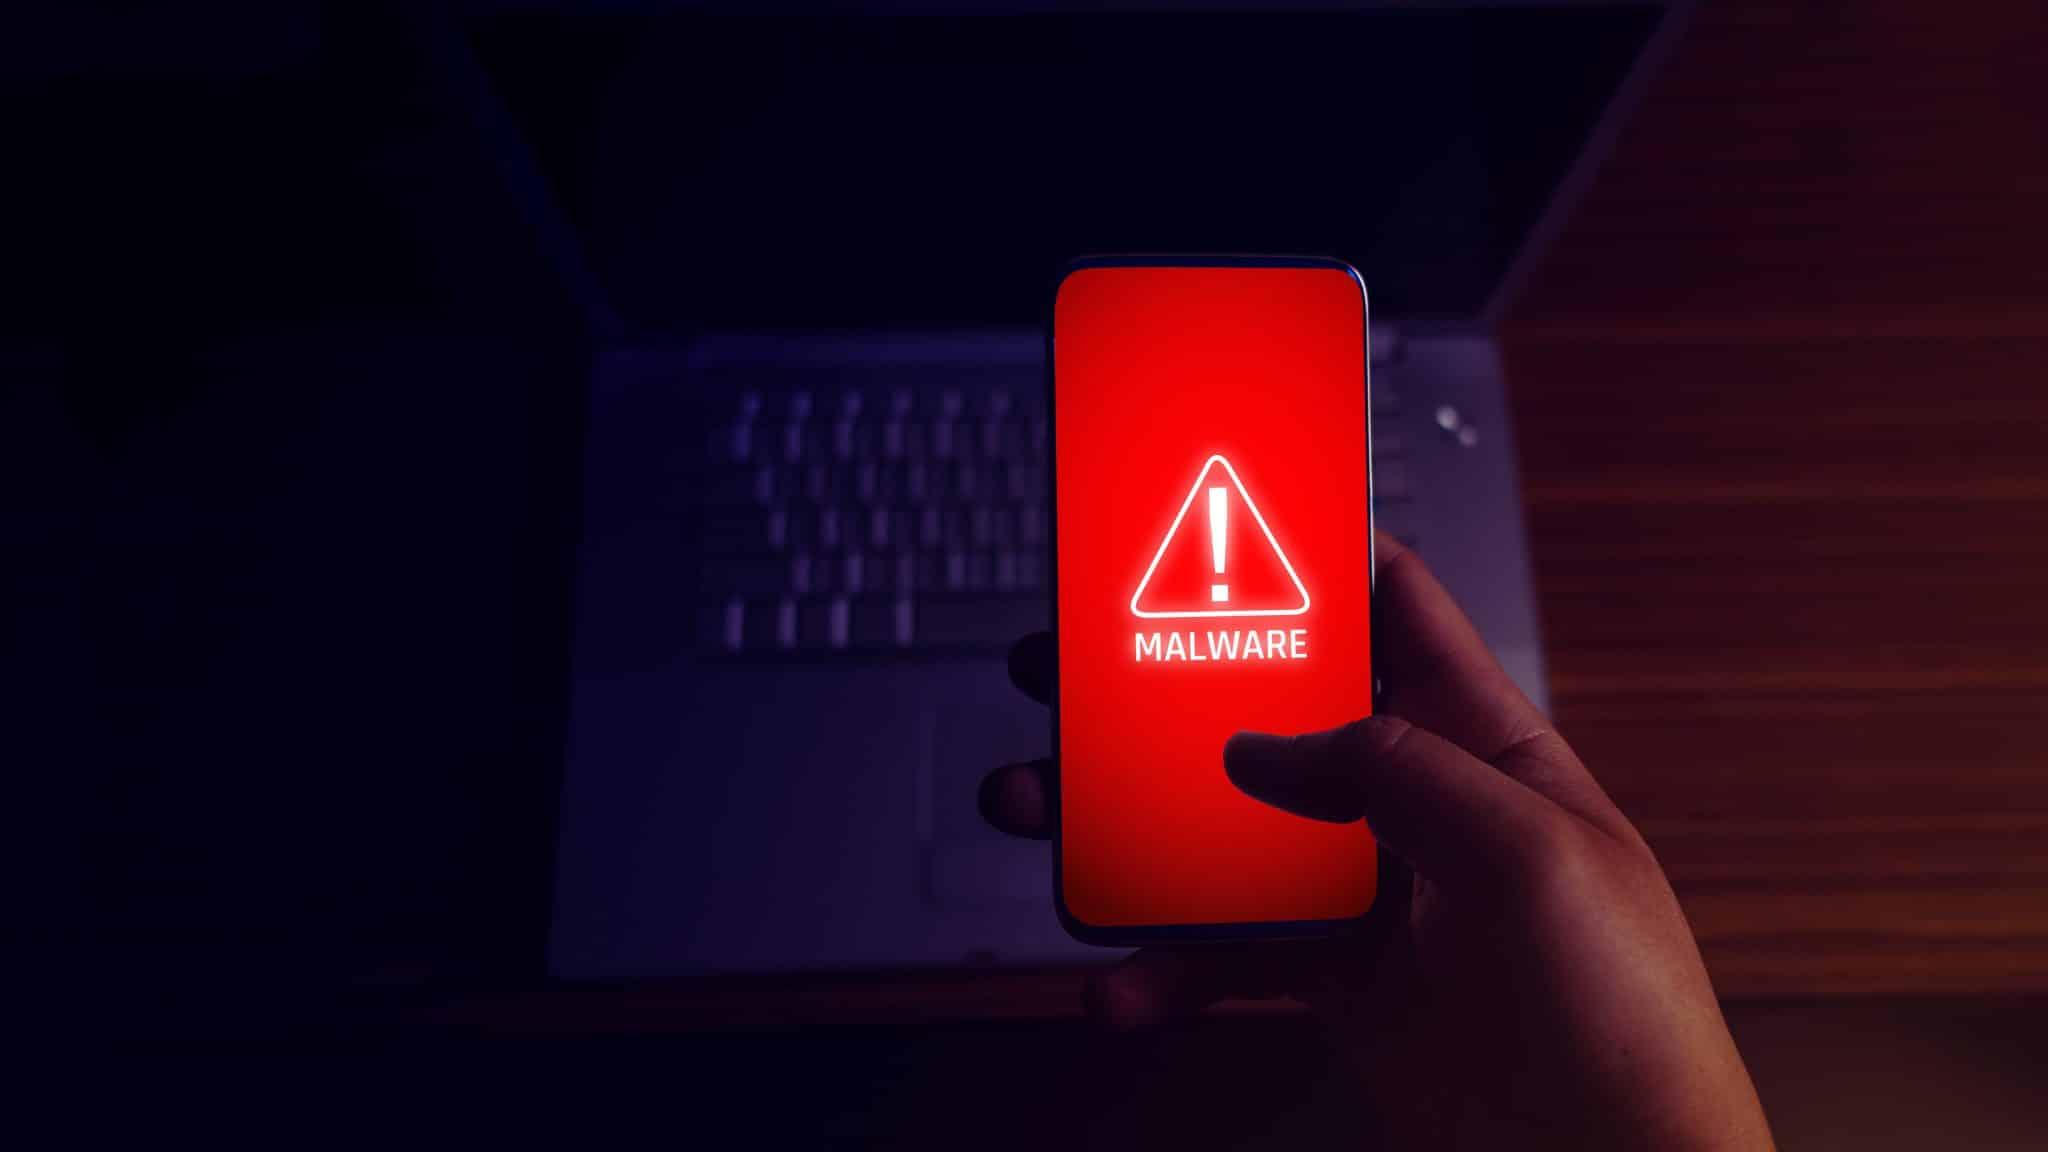 El malware Bandook - Hubler Ciberseguridad